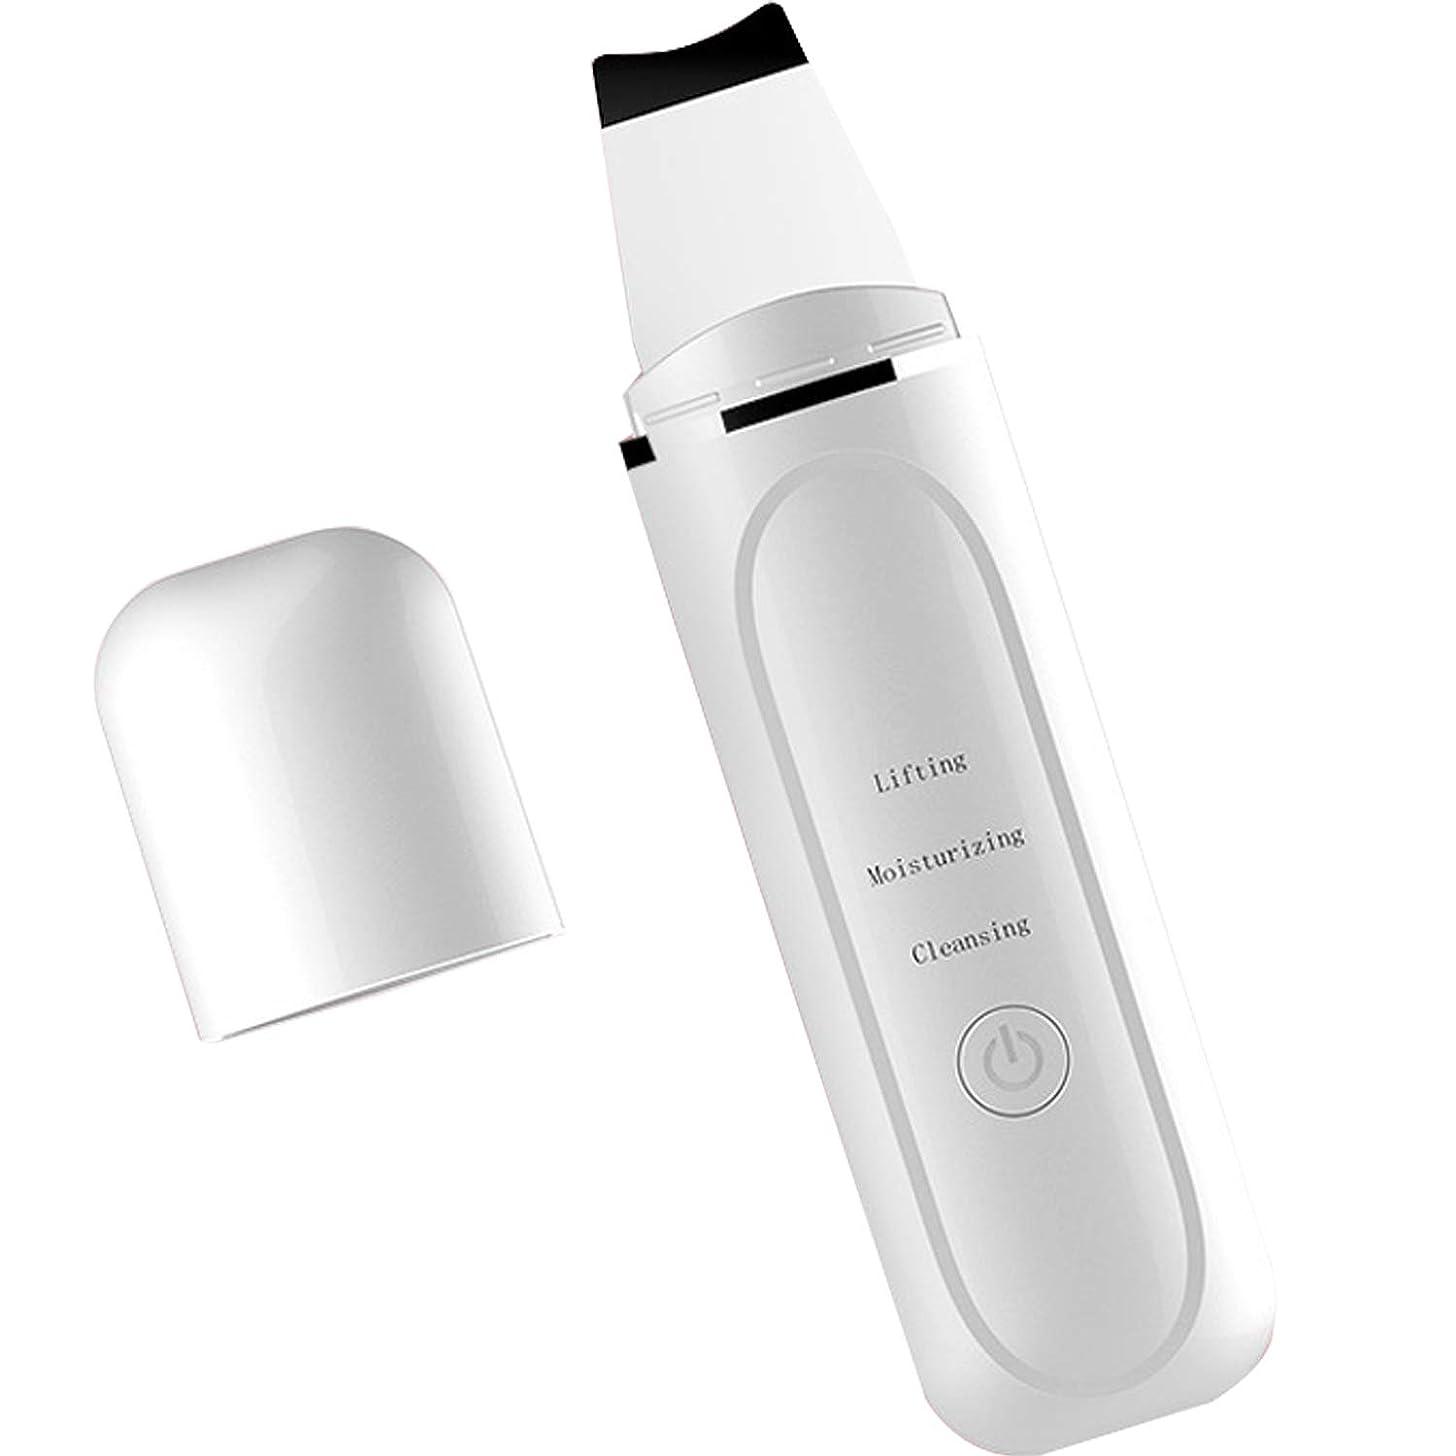 醸造所聞きます簡単にみかMIKA ウォーターピーリング 超音波ピーリング 超音波美顔器 美顔機 イオン美容 イオン導出?イオン導入 USB充電 黒ずみ 汚れ除去 ニキビ フェースケア 多機能